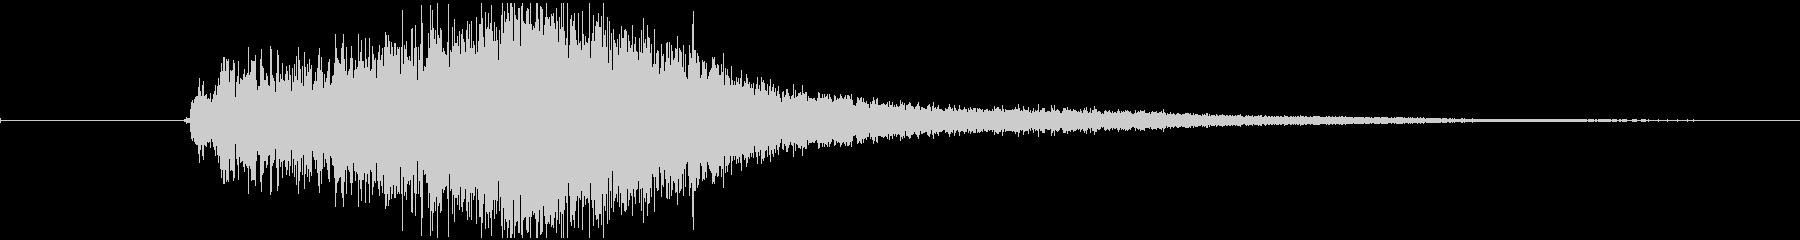 ピアノ効果音 アルペジオ1の未再生の波形